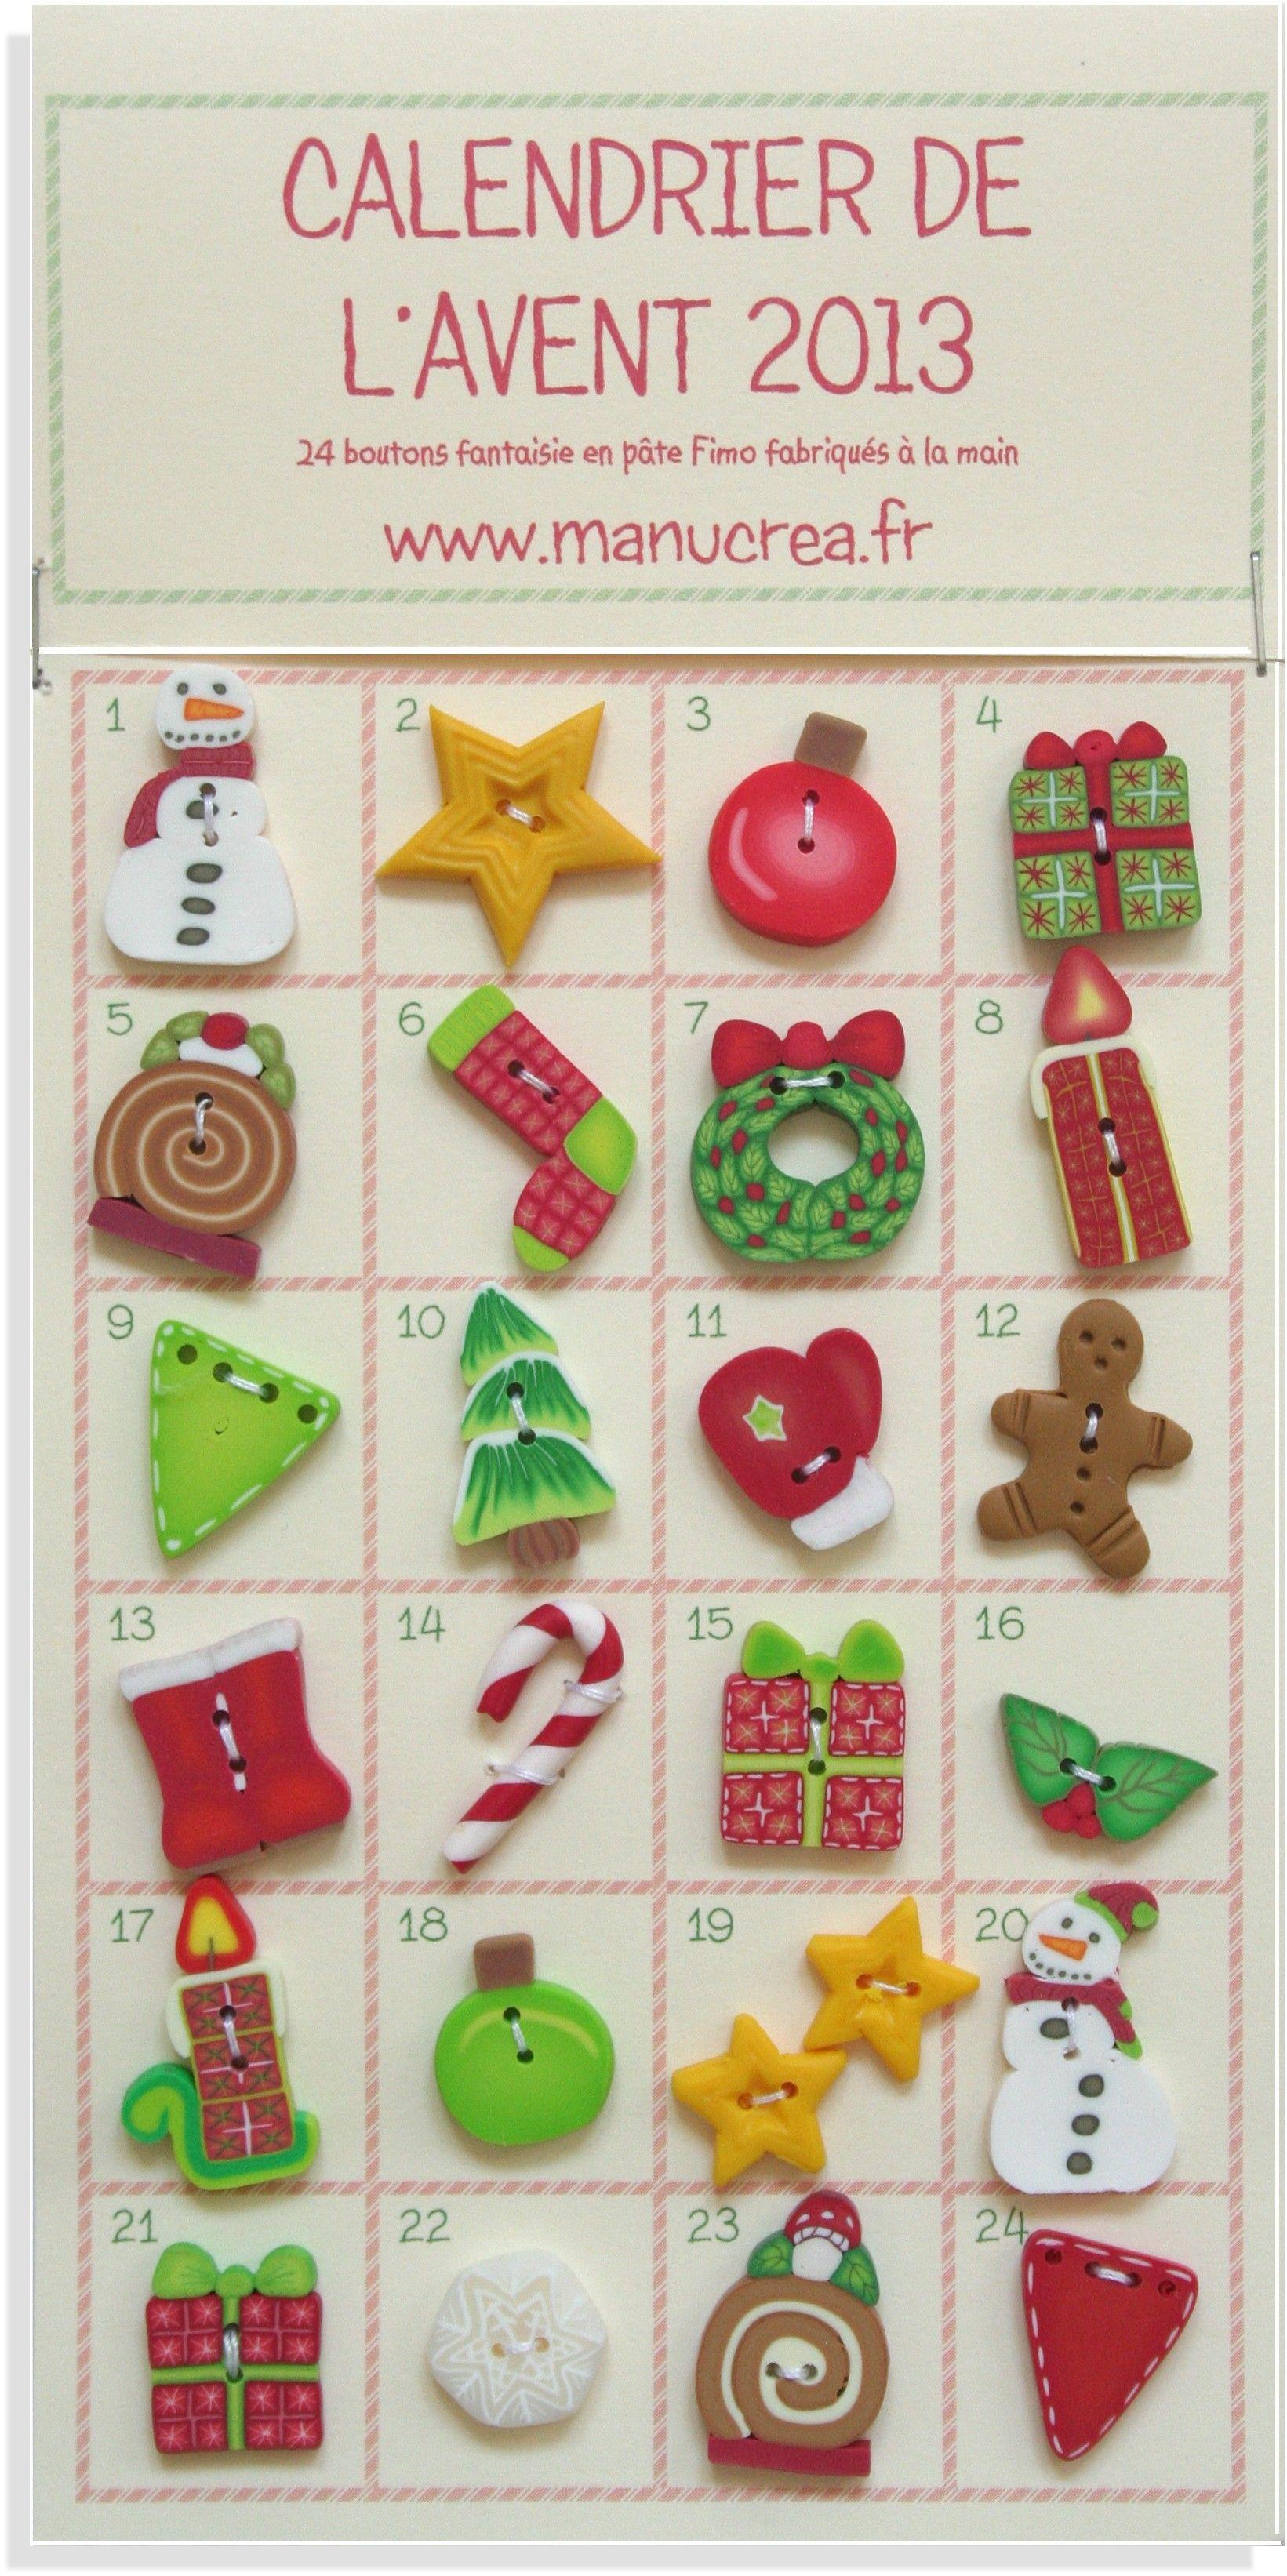 calendrier de l'Avent : 24 boutons sur le thème de Noël!   Aline ♥